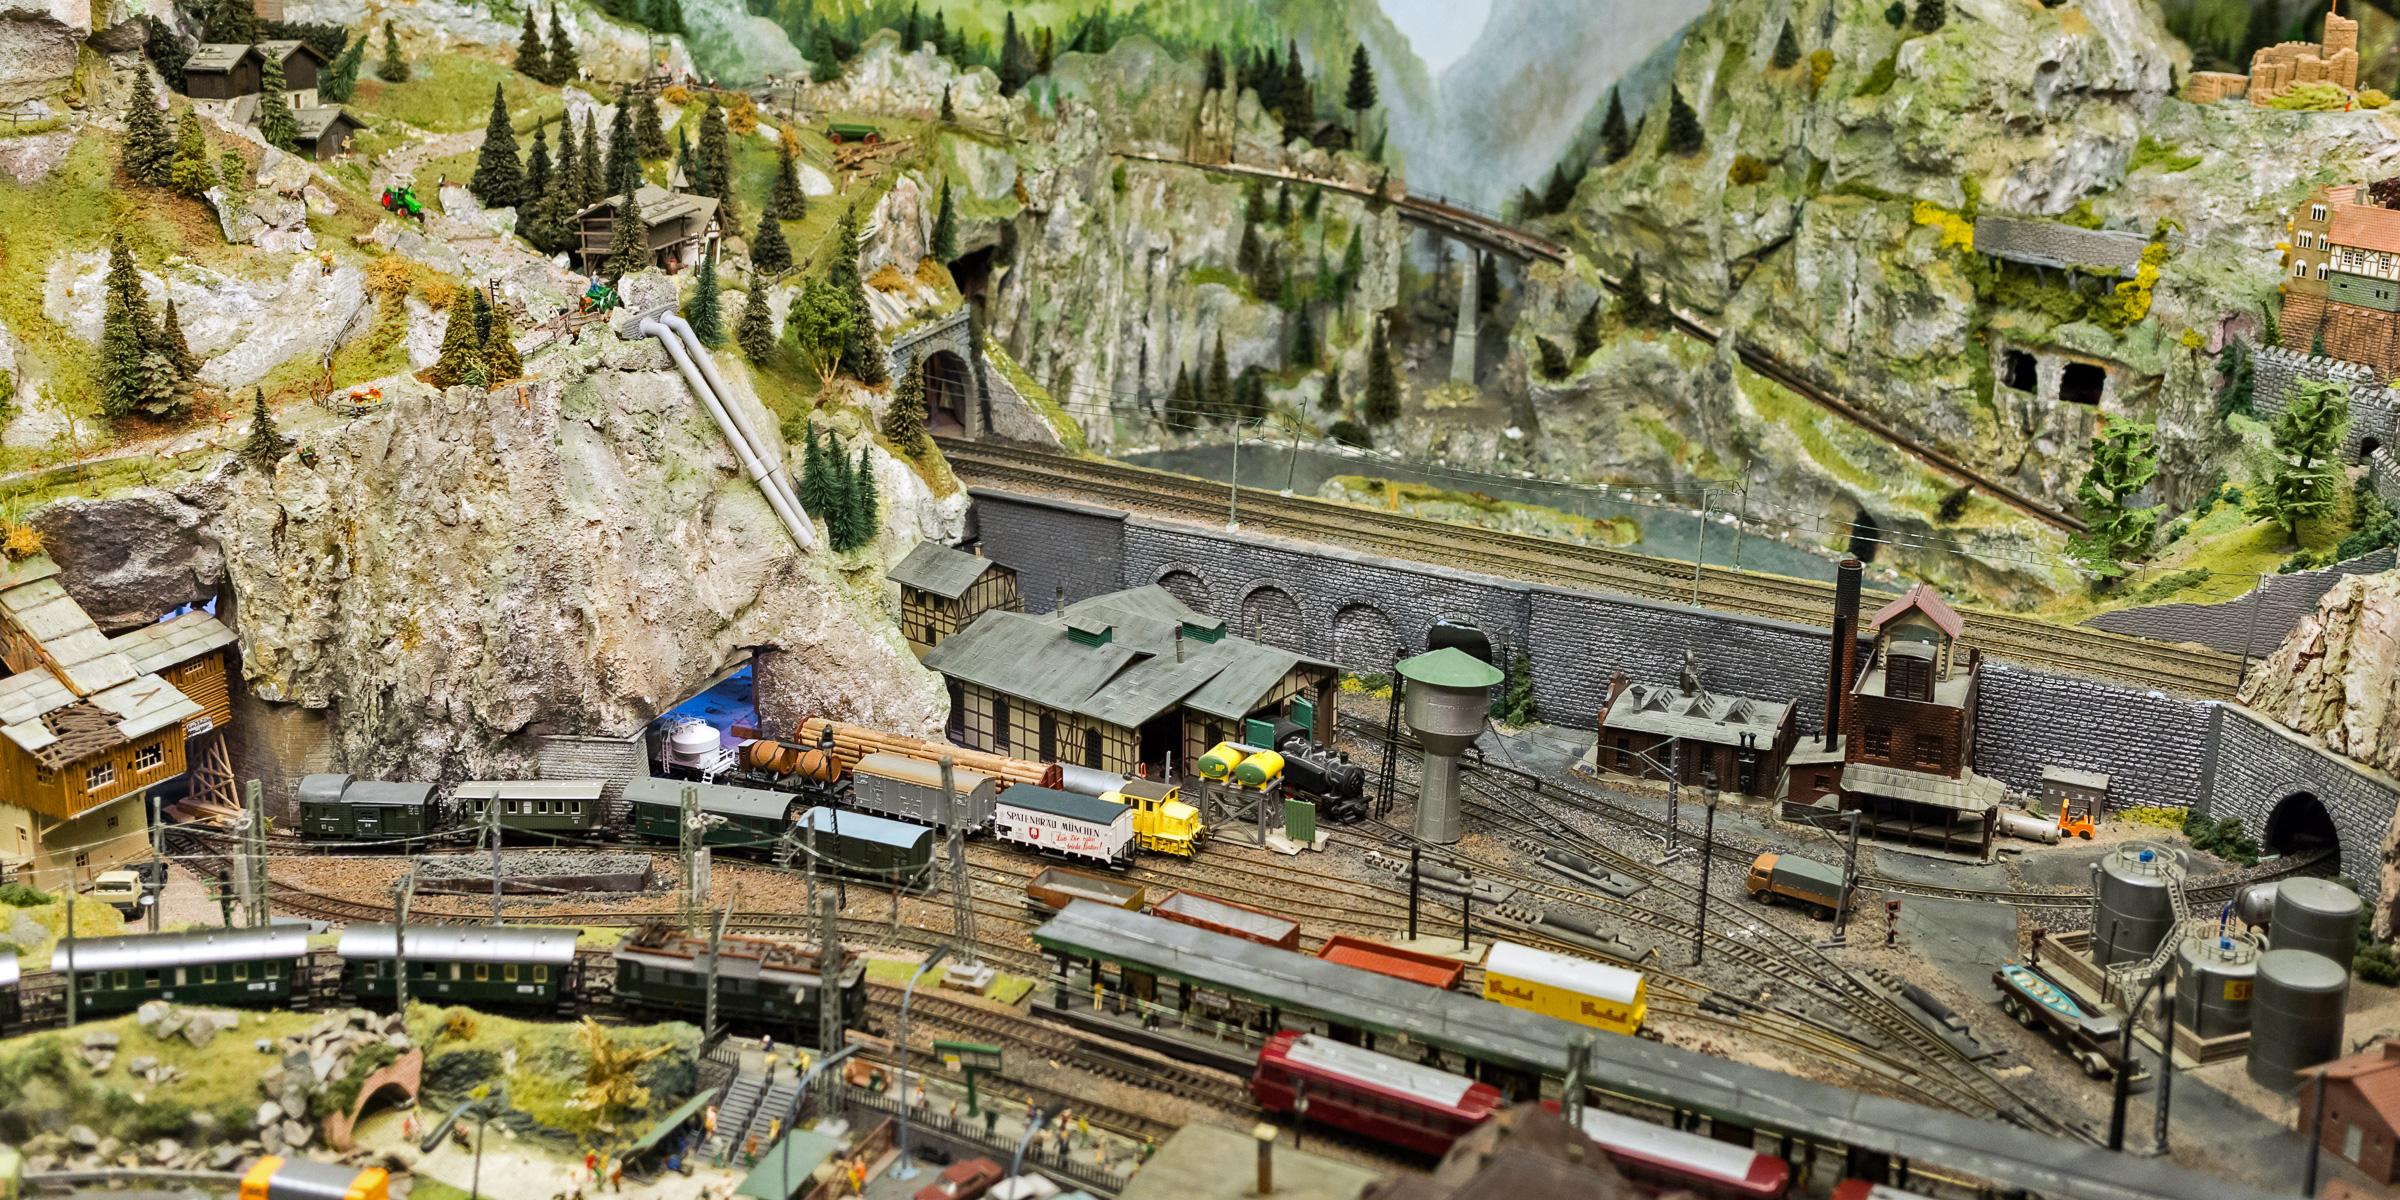 Museum of model trains @ Nationaal modelspoormuseum | Stayokay